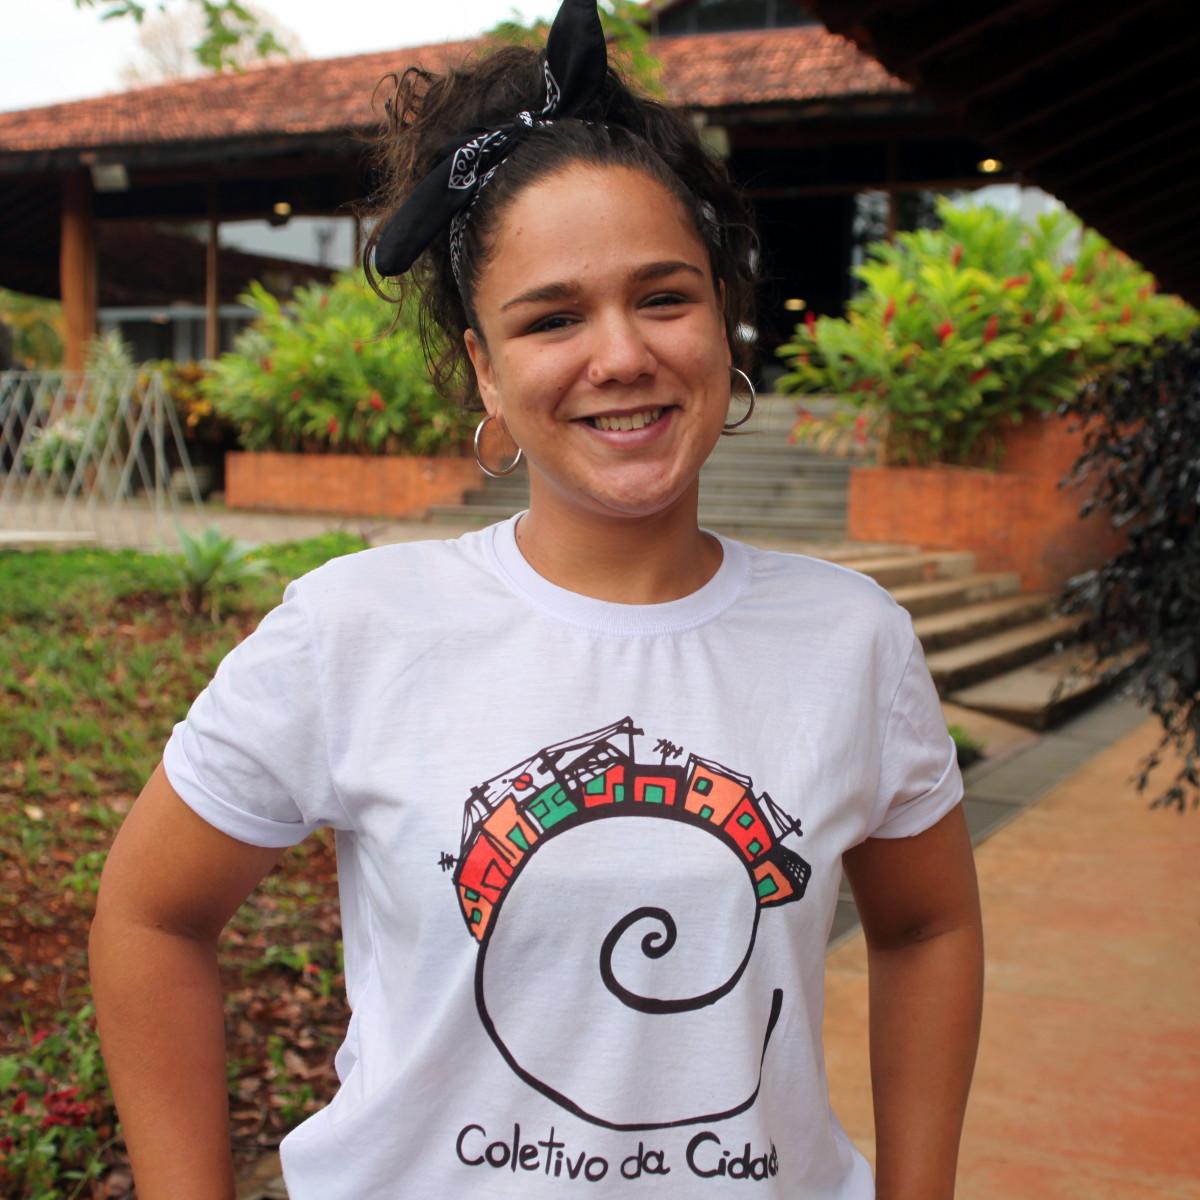 Jackeline Souza